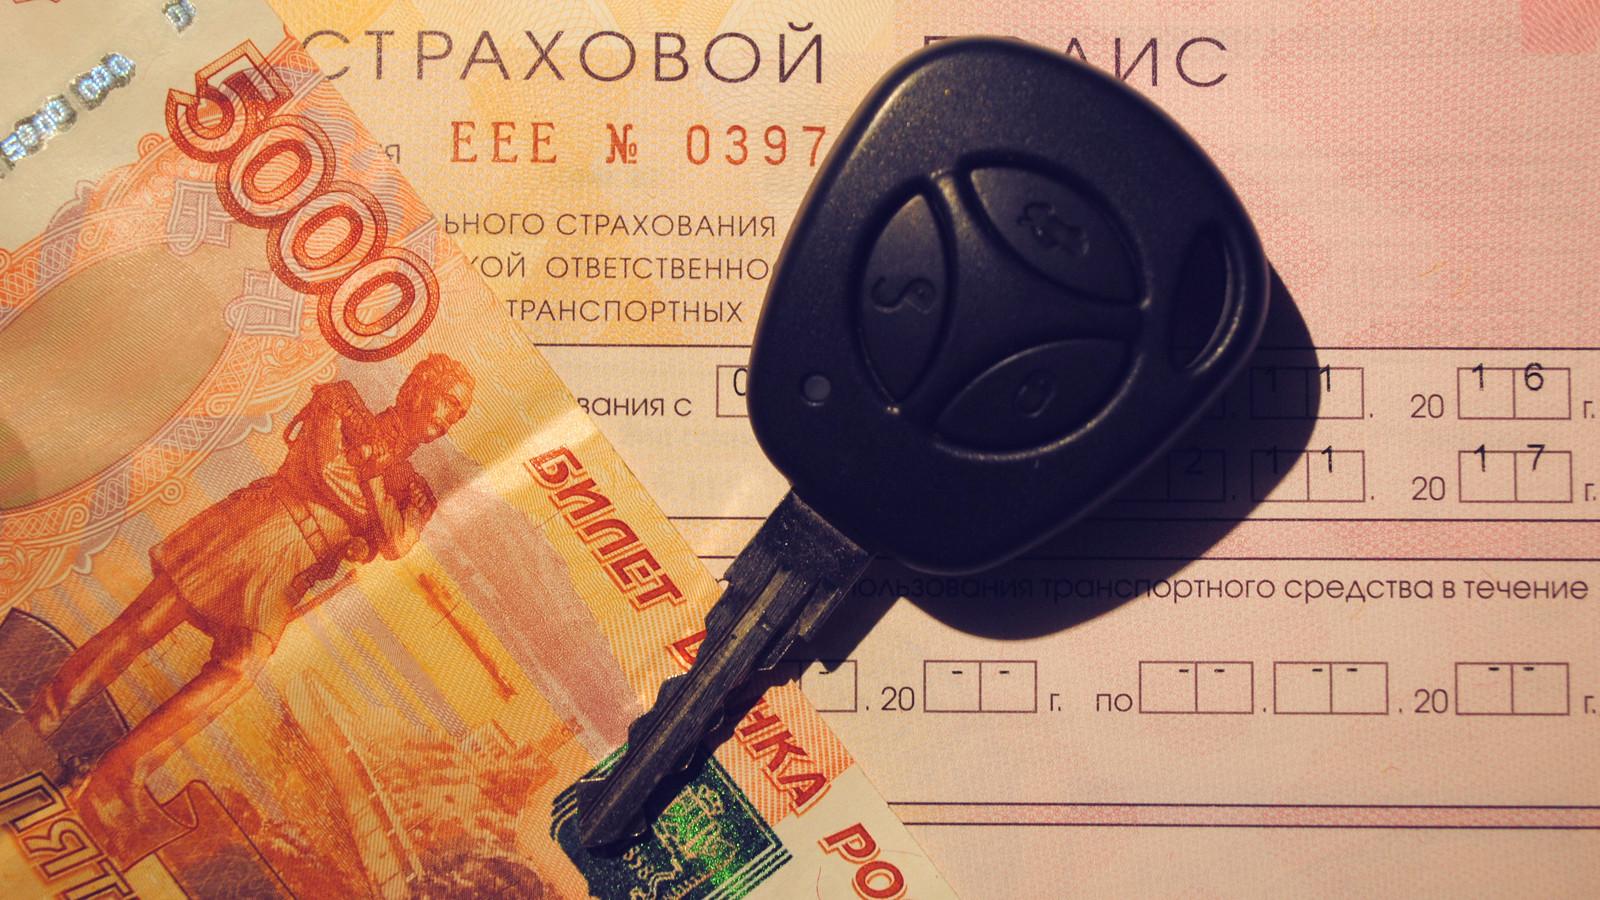 РСС рекомендует: российским туристам следует расширять страховку